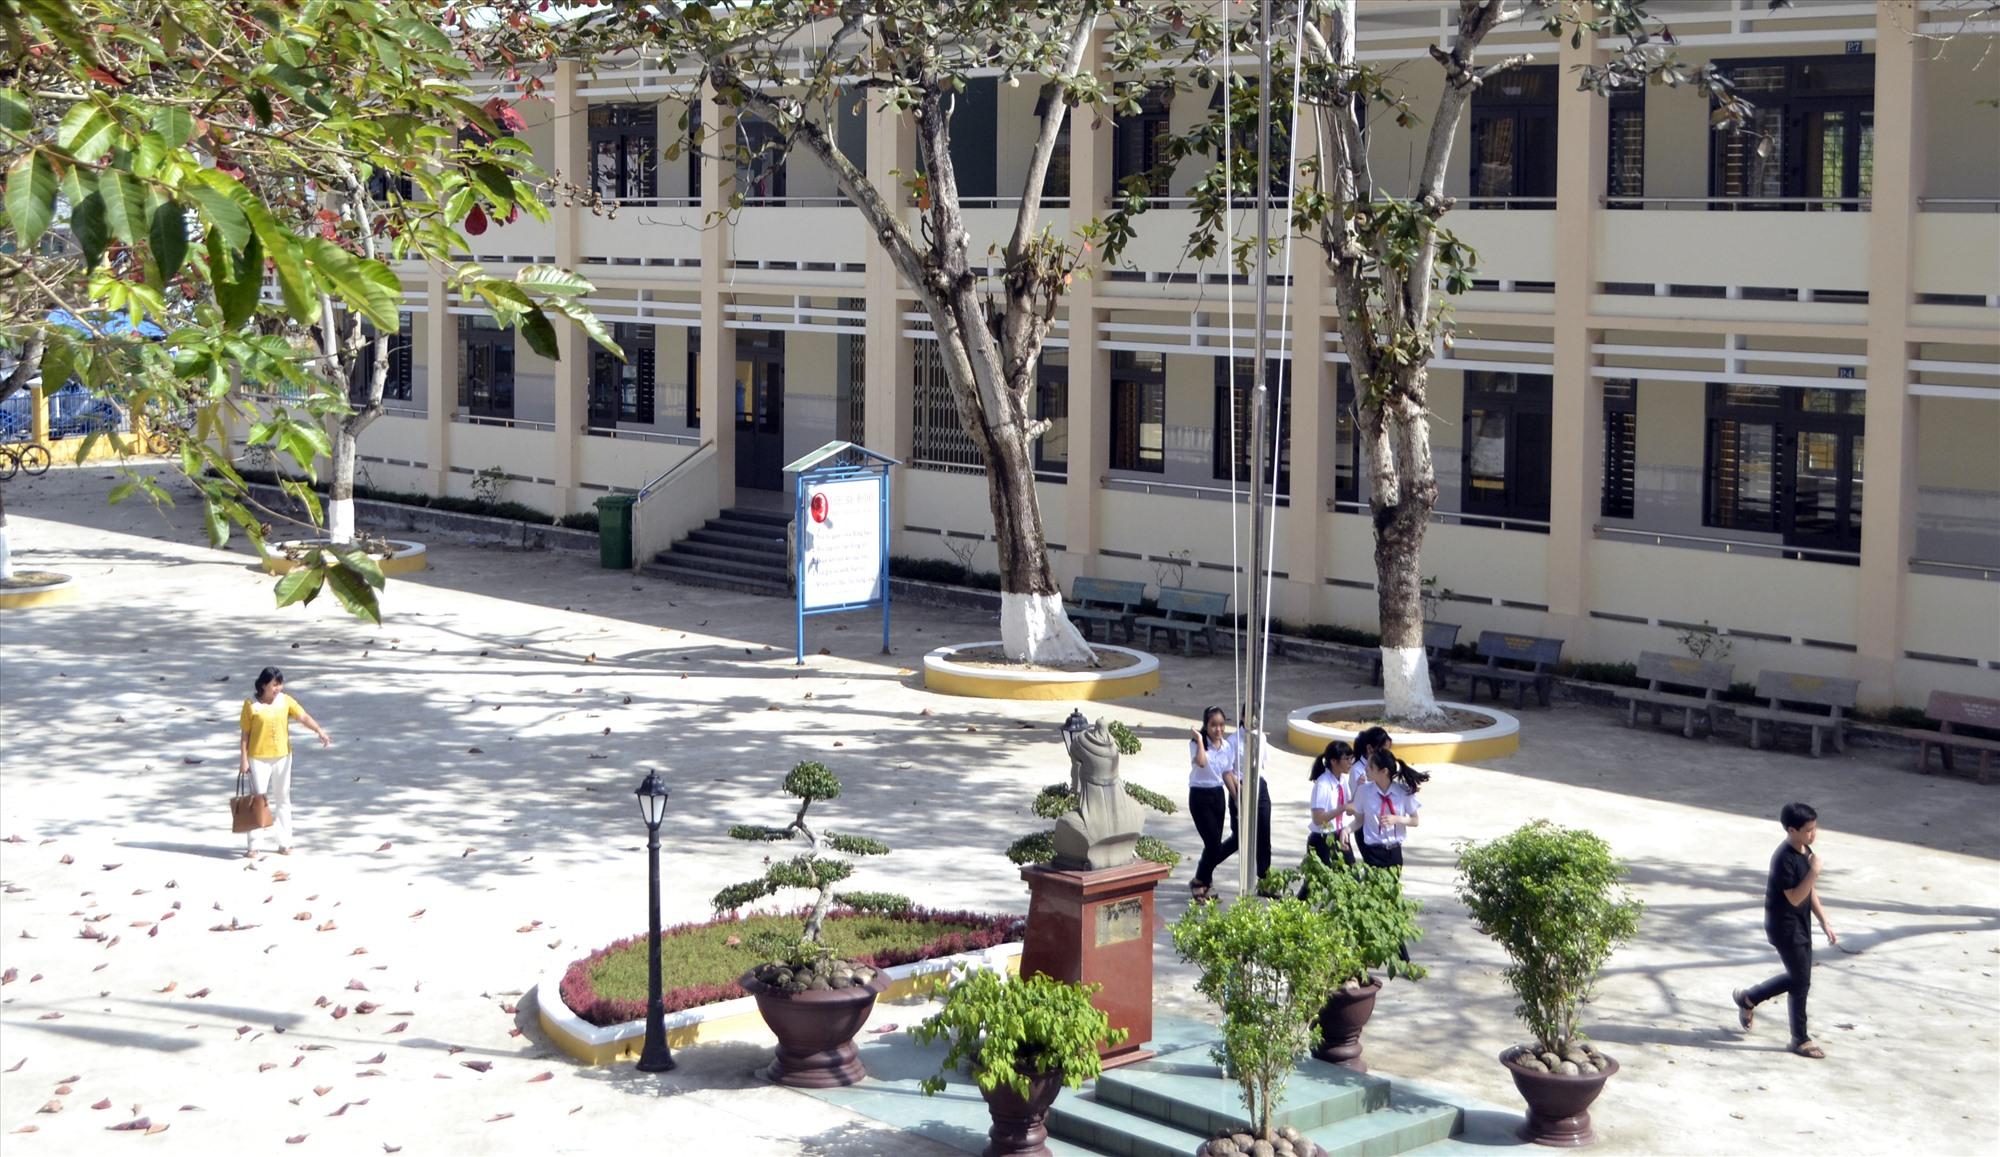 Dãy phòng học gồm 10 phòng được xây dựng mới kiên cố tại Trường THCS Quang Trung. Ảnh: C.T